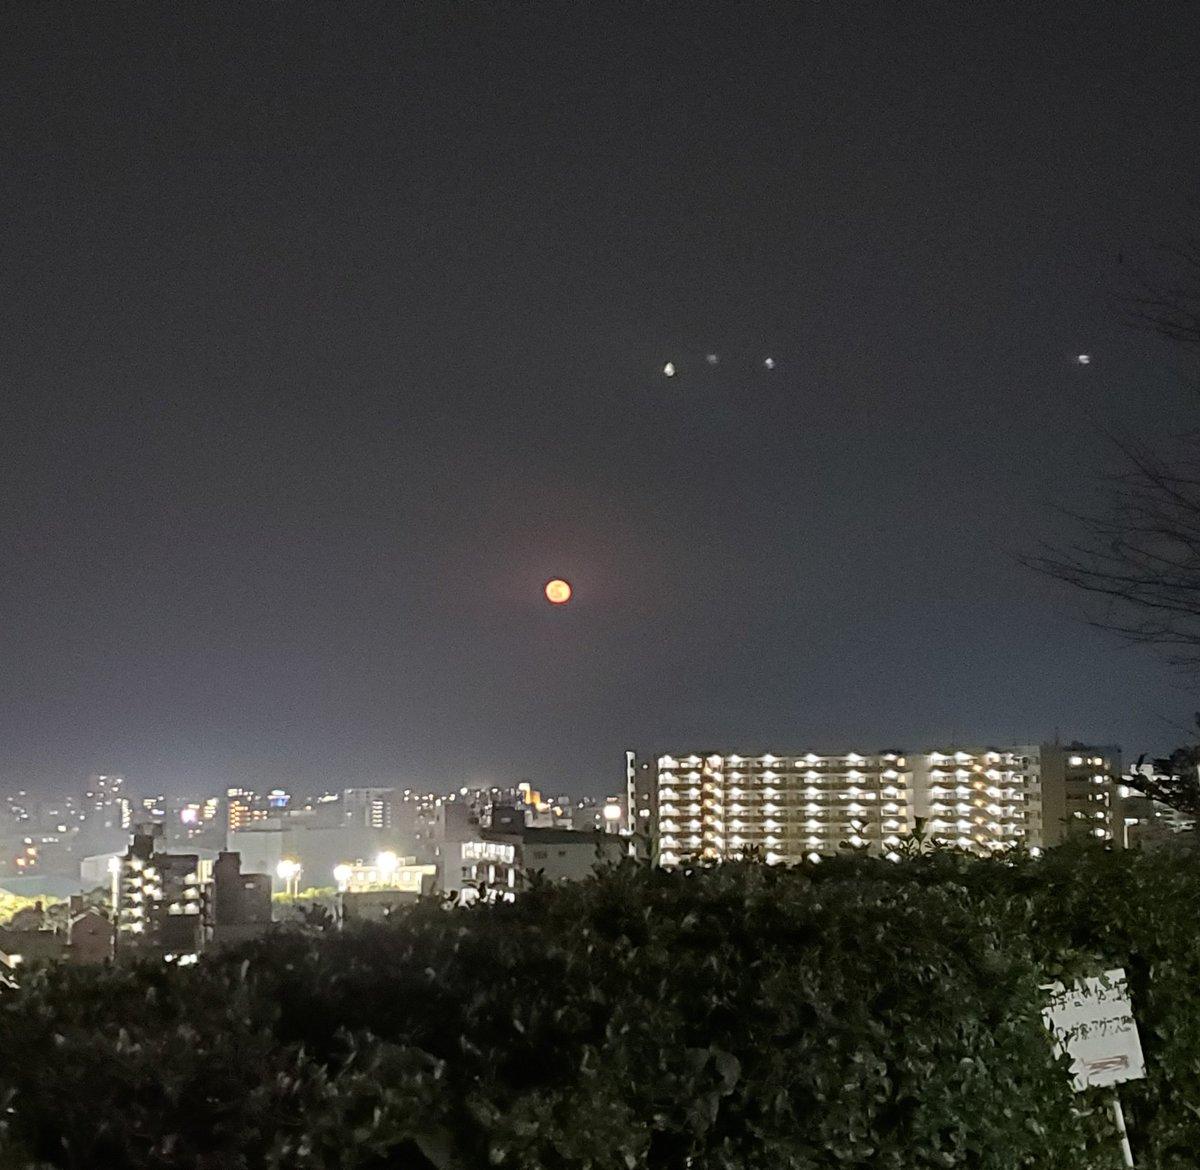 今日の赤いお月様に  ハナさん大興奮でした  #ノーフィルター